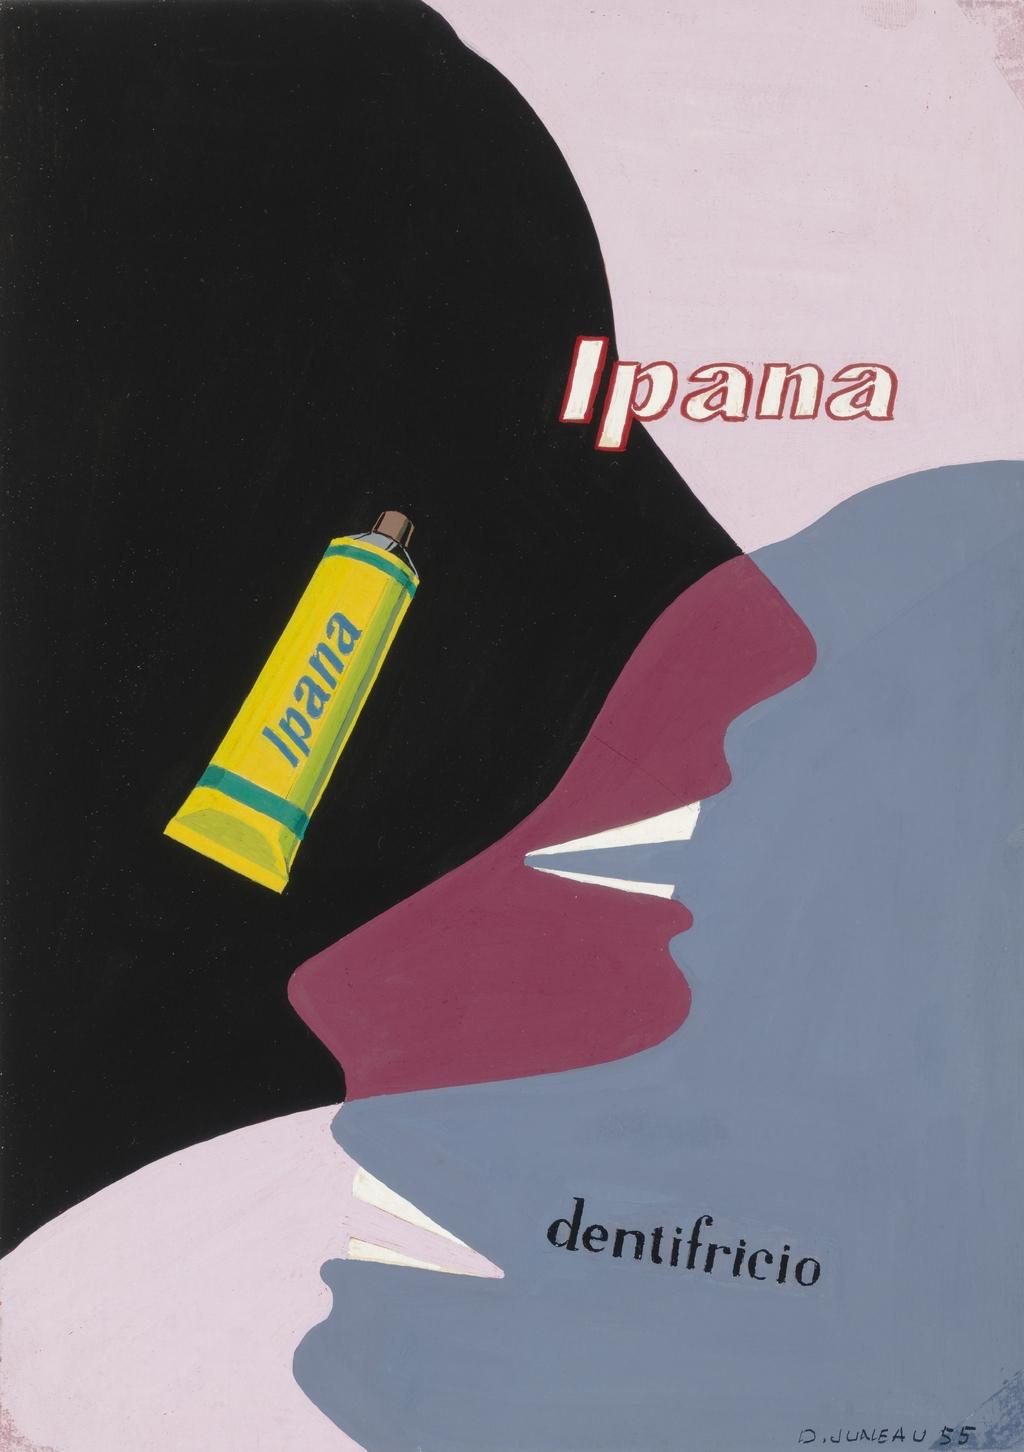 Étude pour affiche publicitaire (dentifrice Ipana)